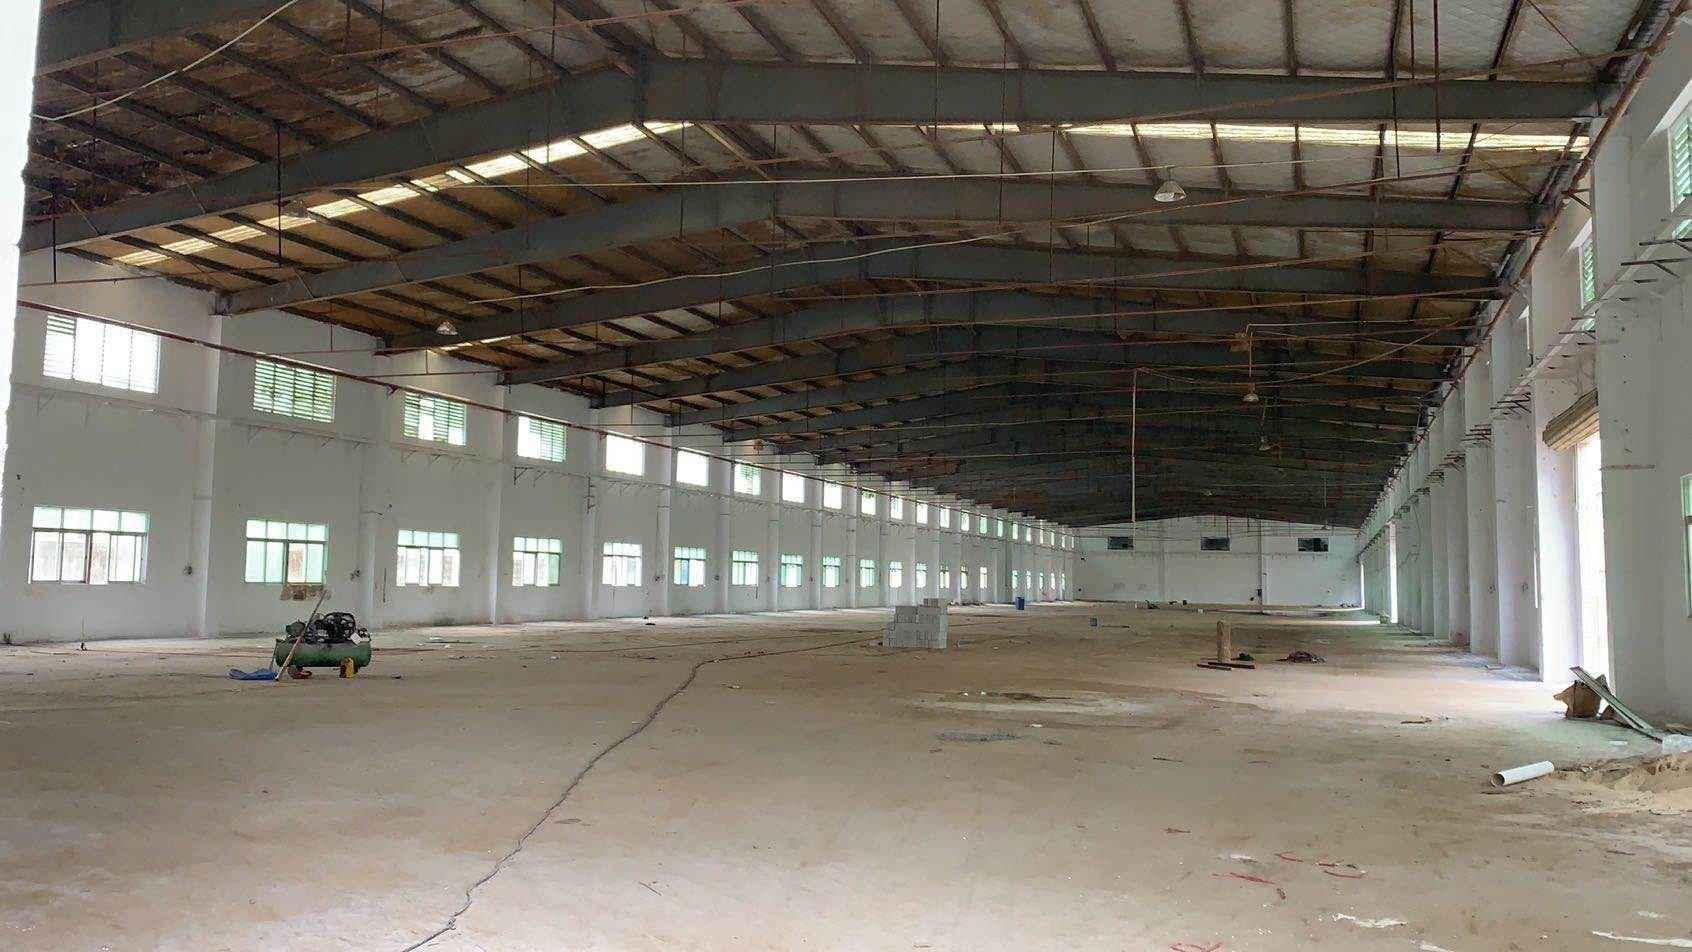 长安镇厦边新出23000萍单一层物流仓库出租货运仓库出租